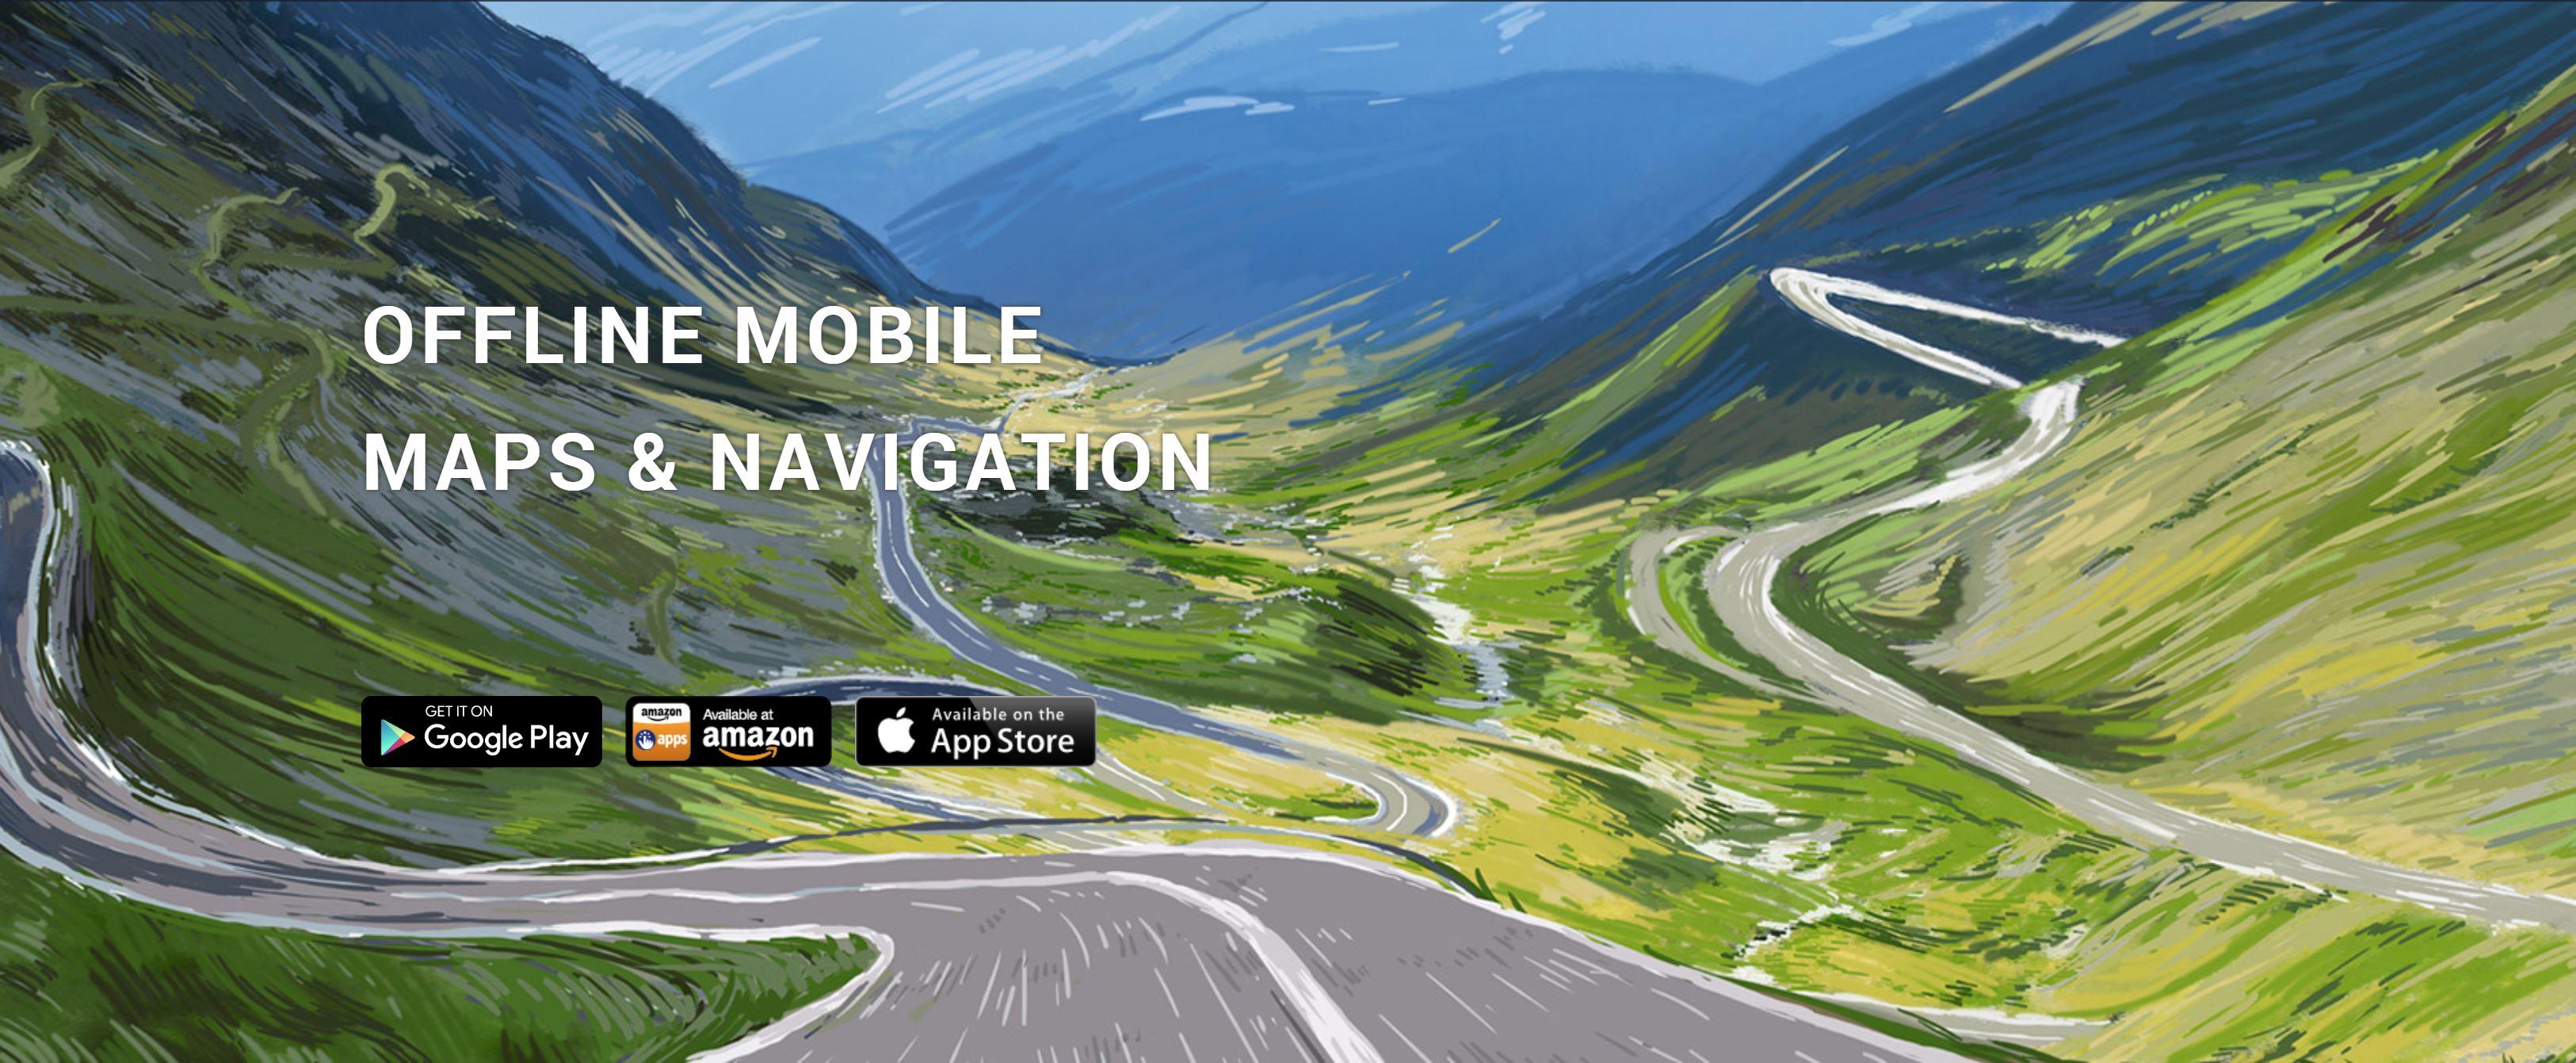 Toeren met navigatie via de OsmAnd-app